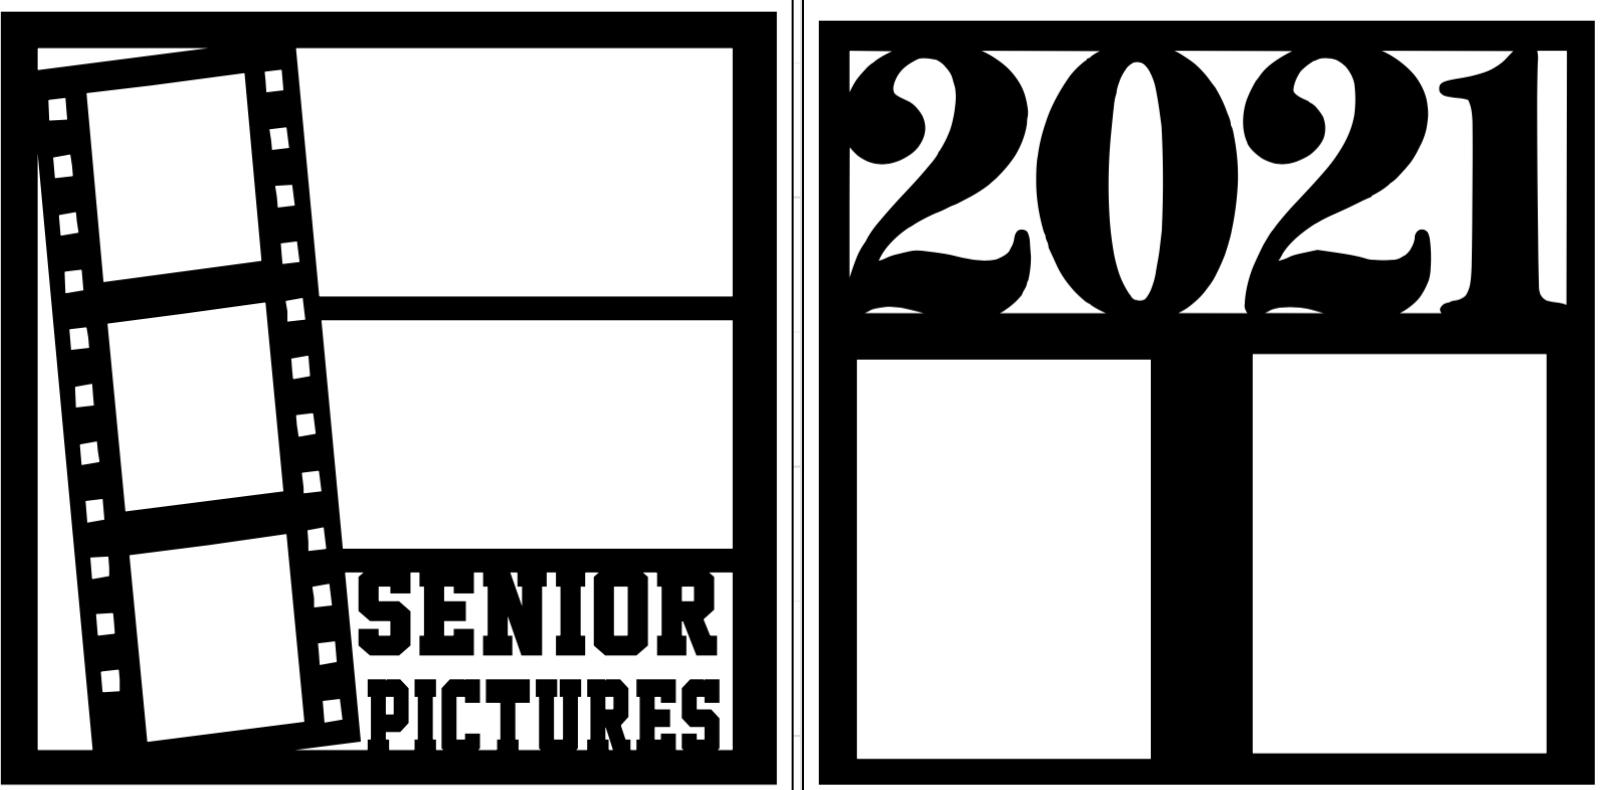 SENIOR PICTURES 2021